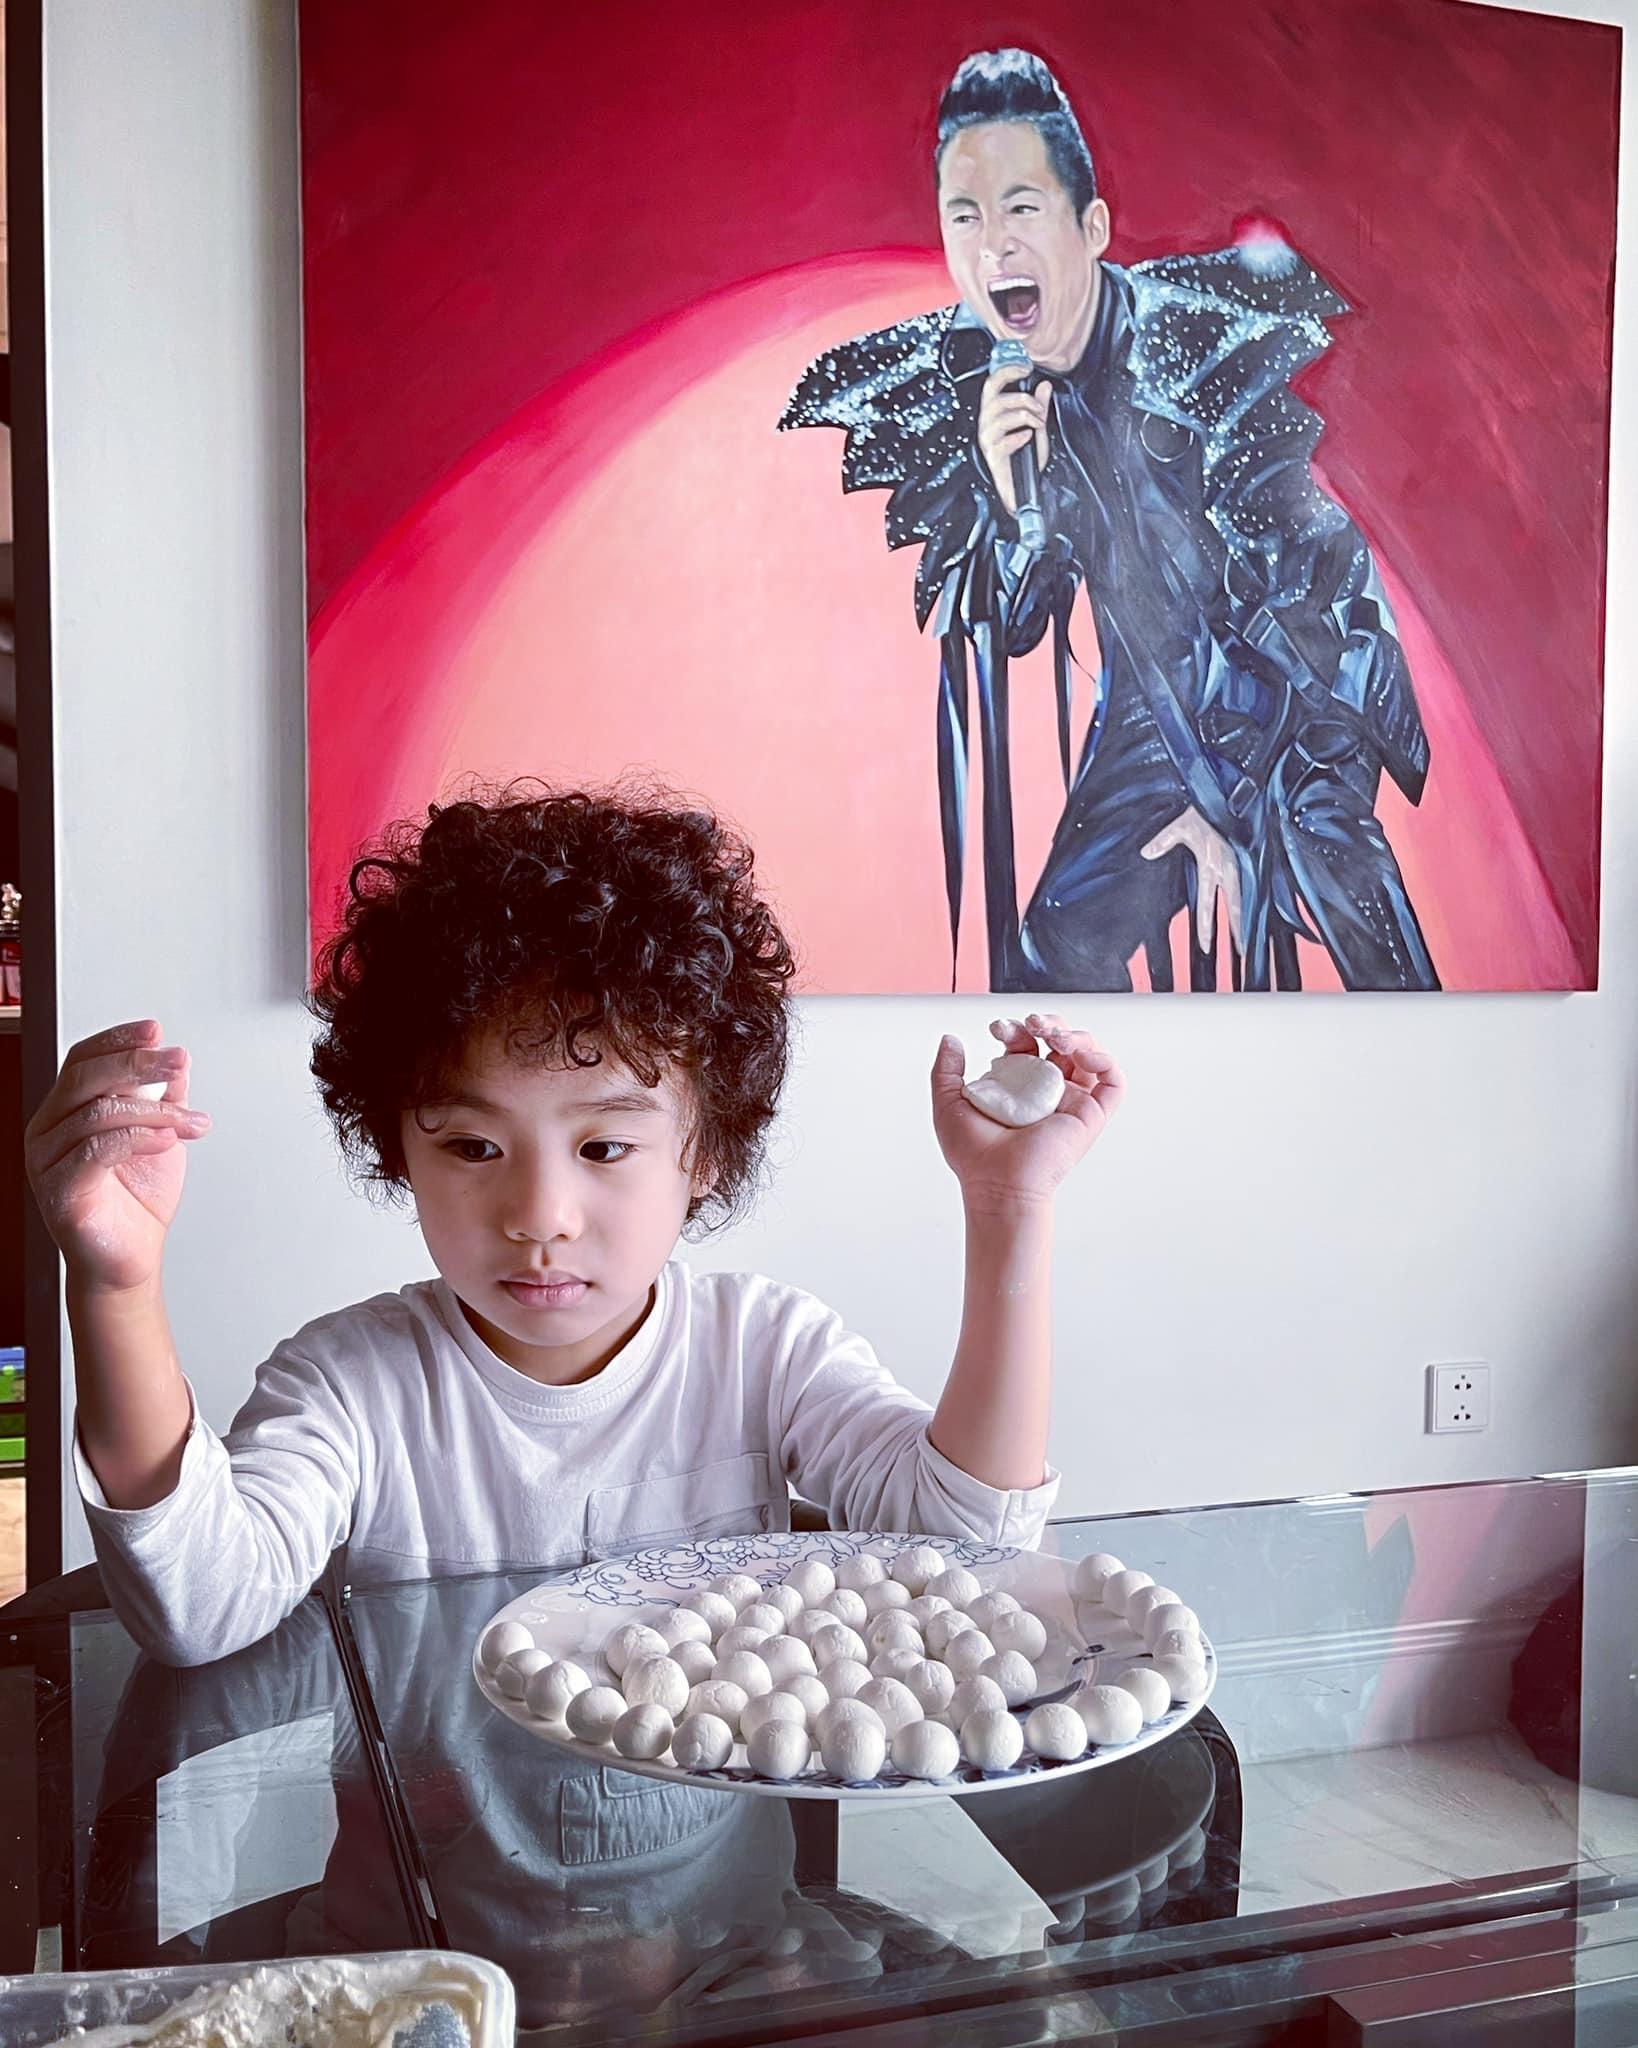 Bé Voi, con trai Tùng Dương, nắn nótnhào nặn từng viên bánh trôi.